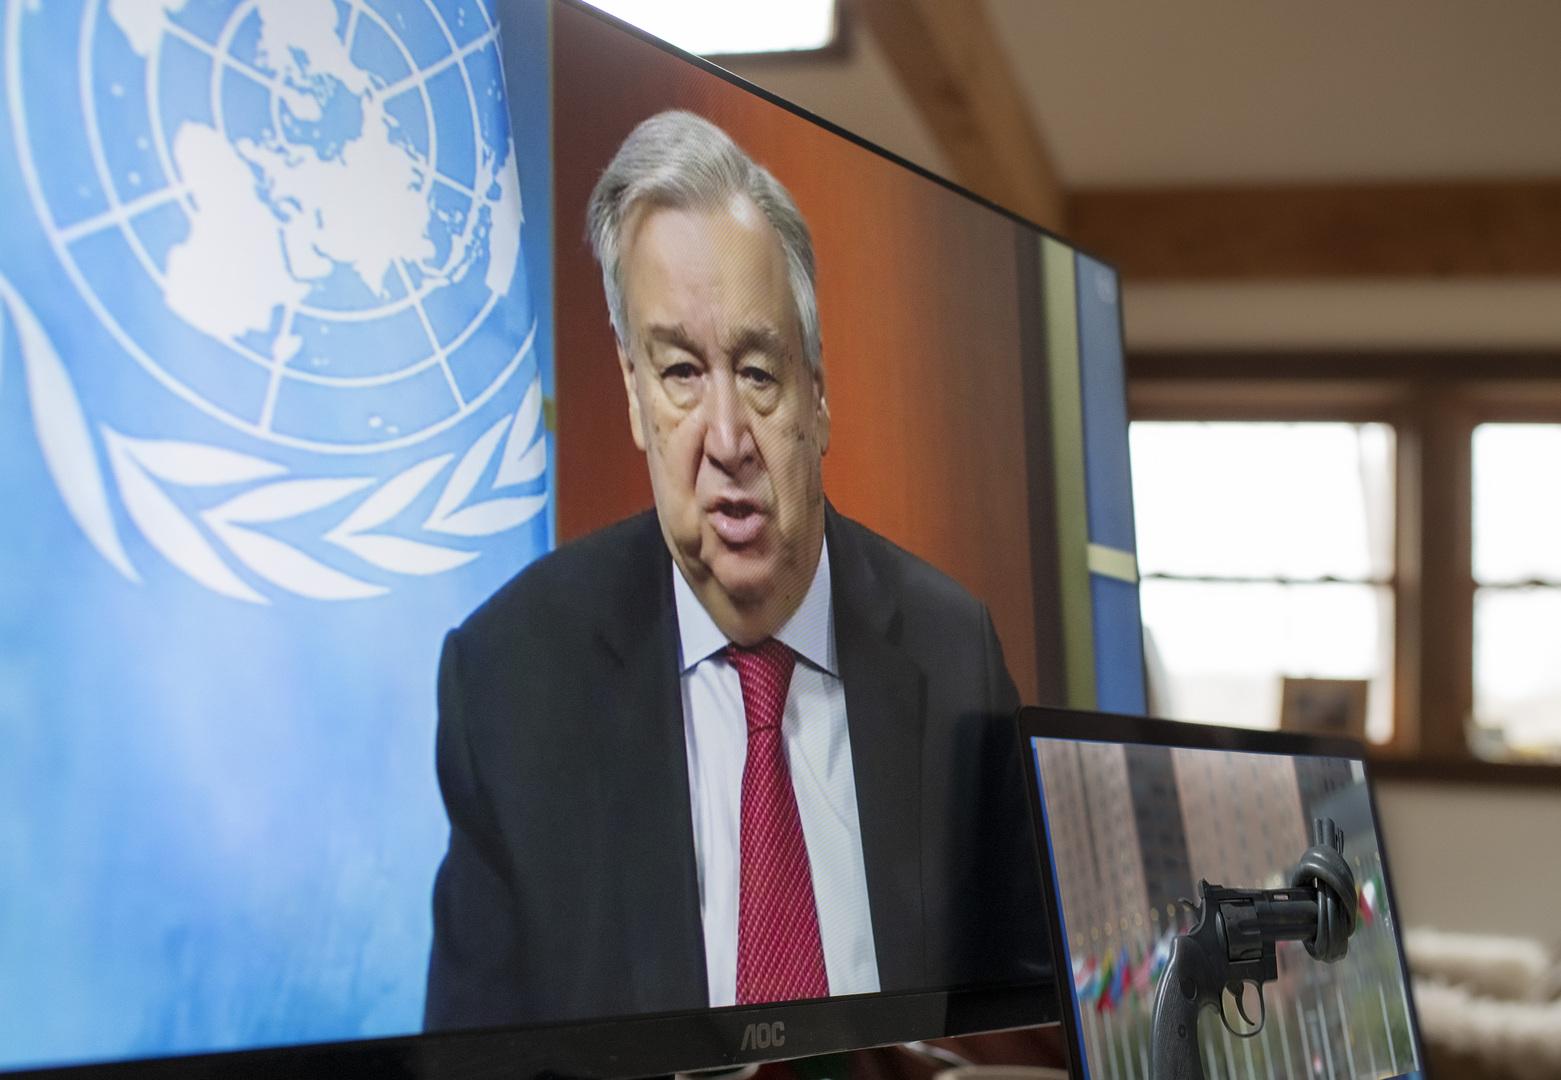 تفاصيل مكالمتين هاتفيتين أجراهما الأمين العام للأمم المتحدة مع السراج وحفتر